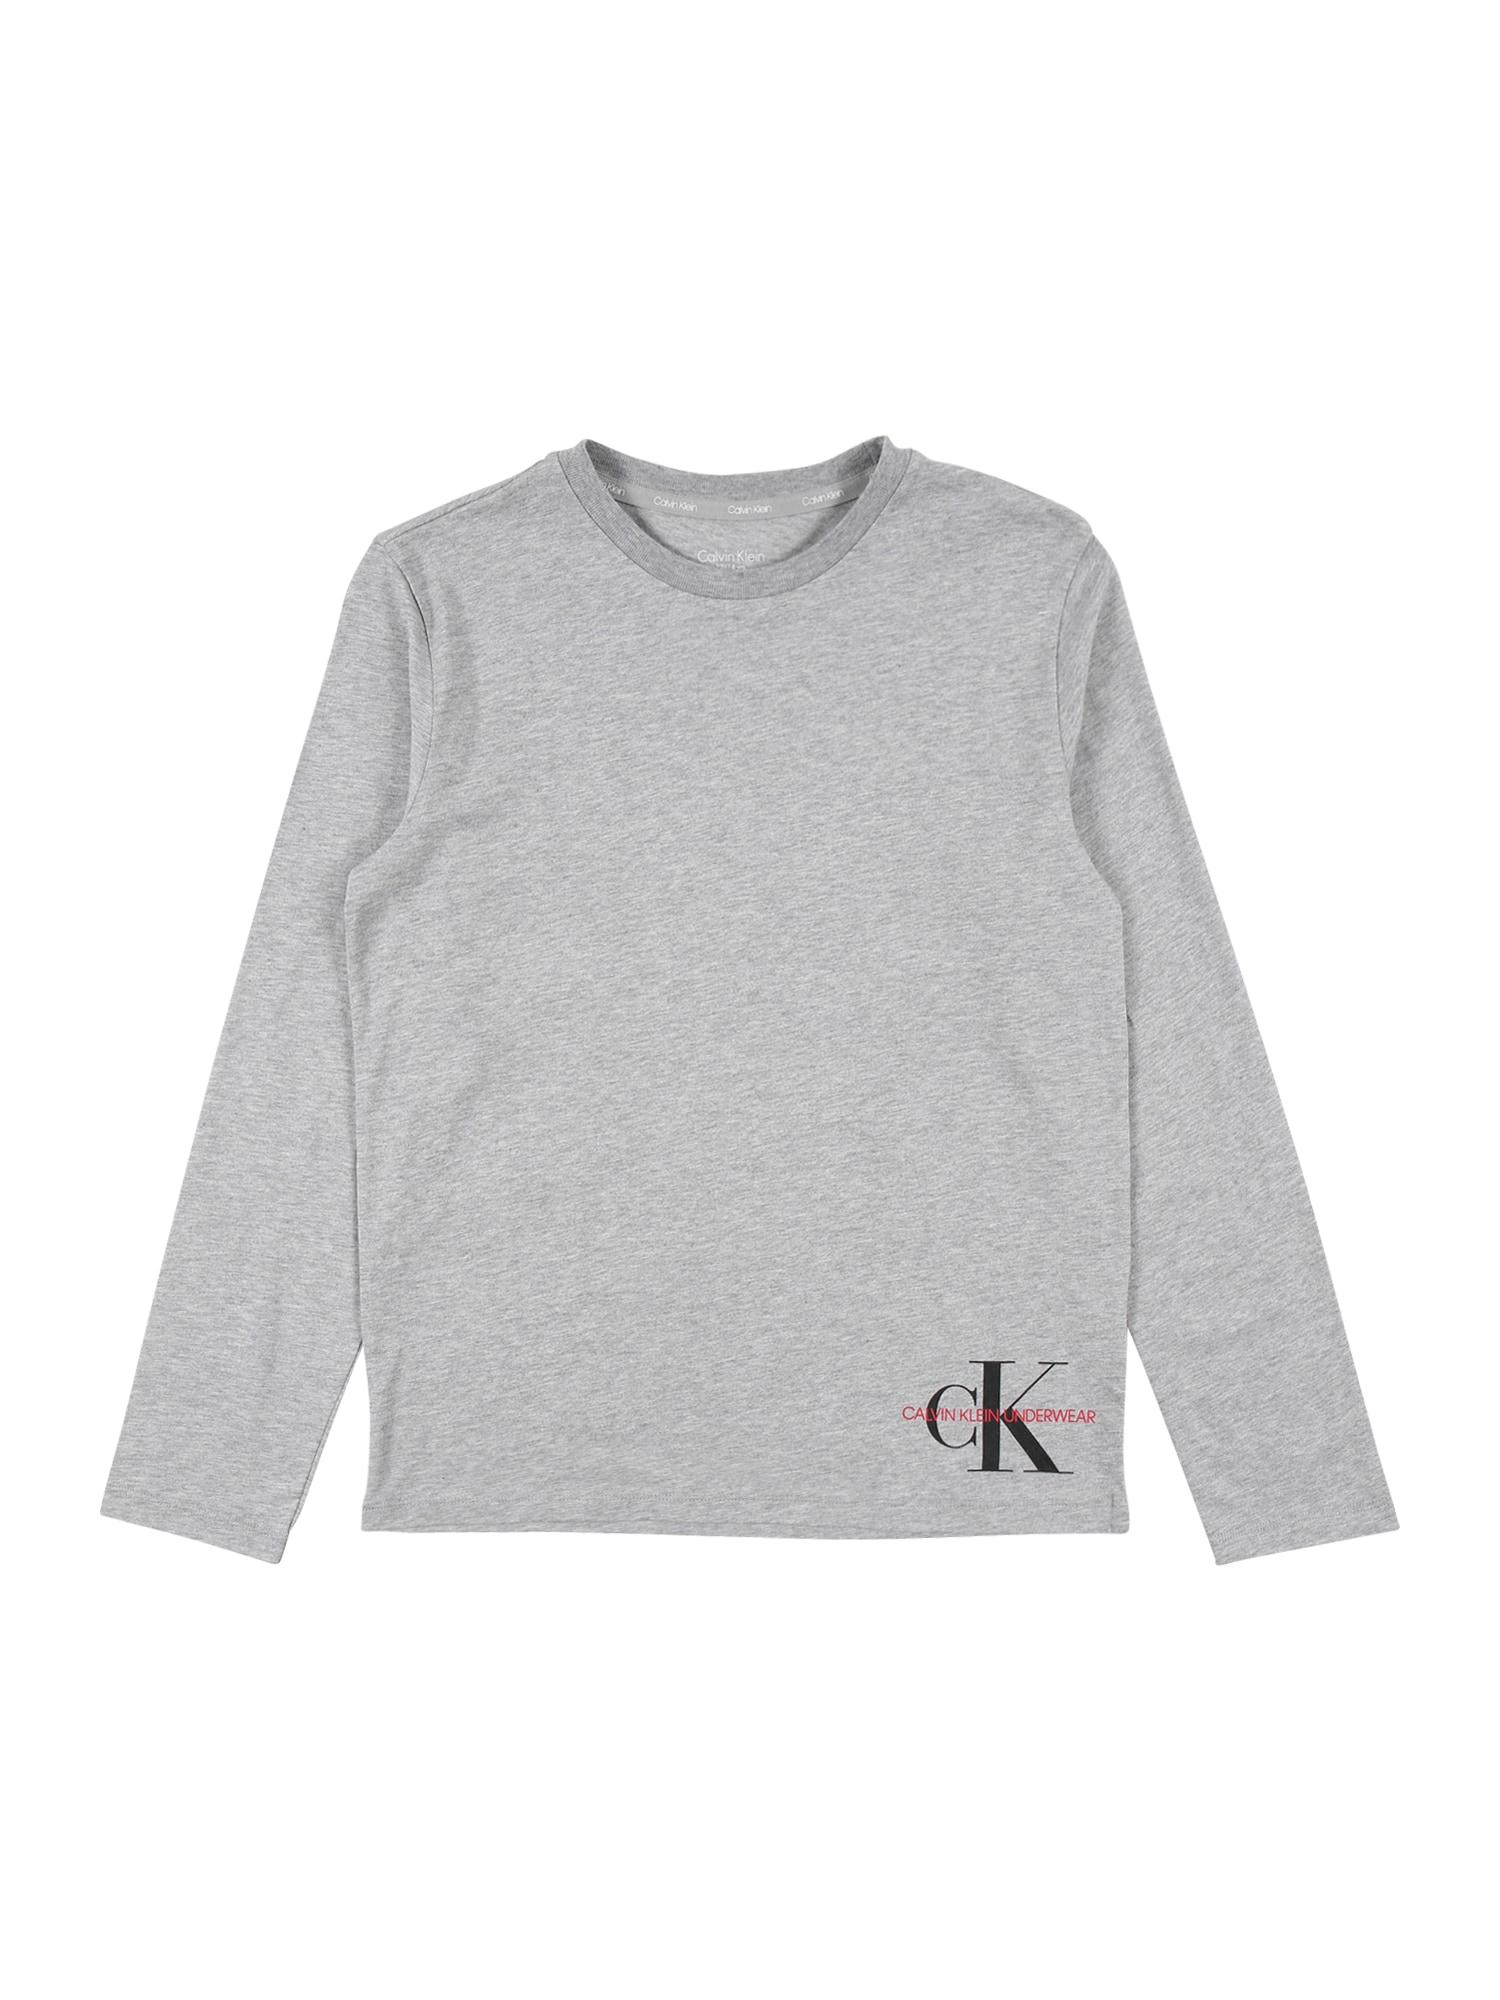 Calvin Klein Underwear Marškinėliai pilka / juoda / šviesiai raudona